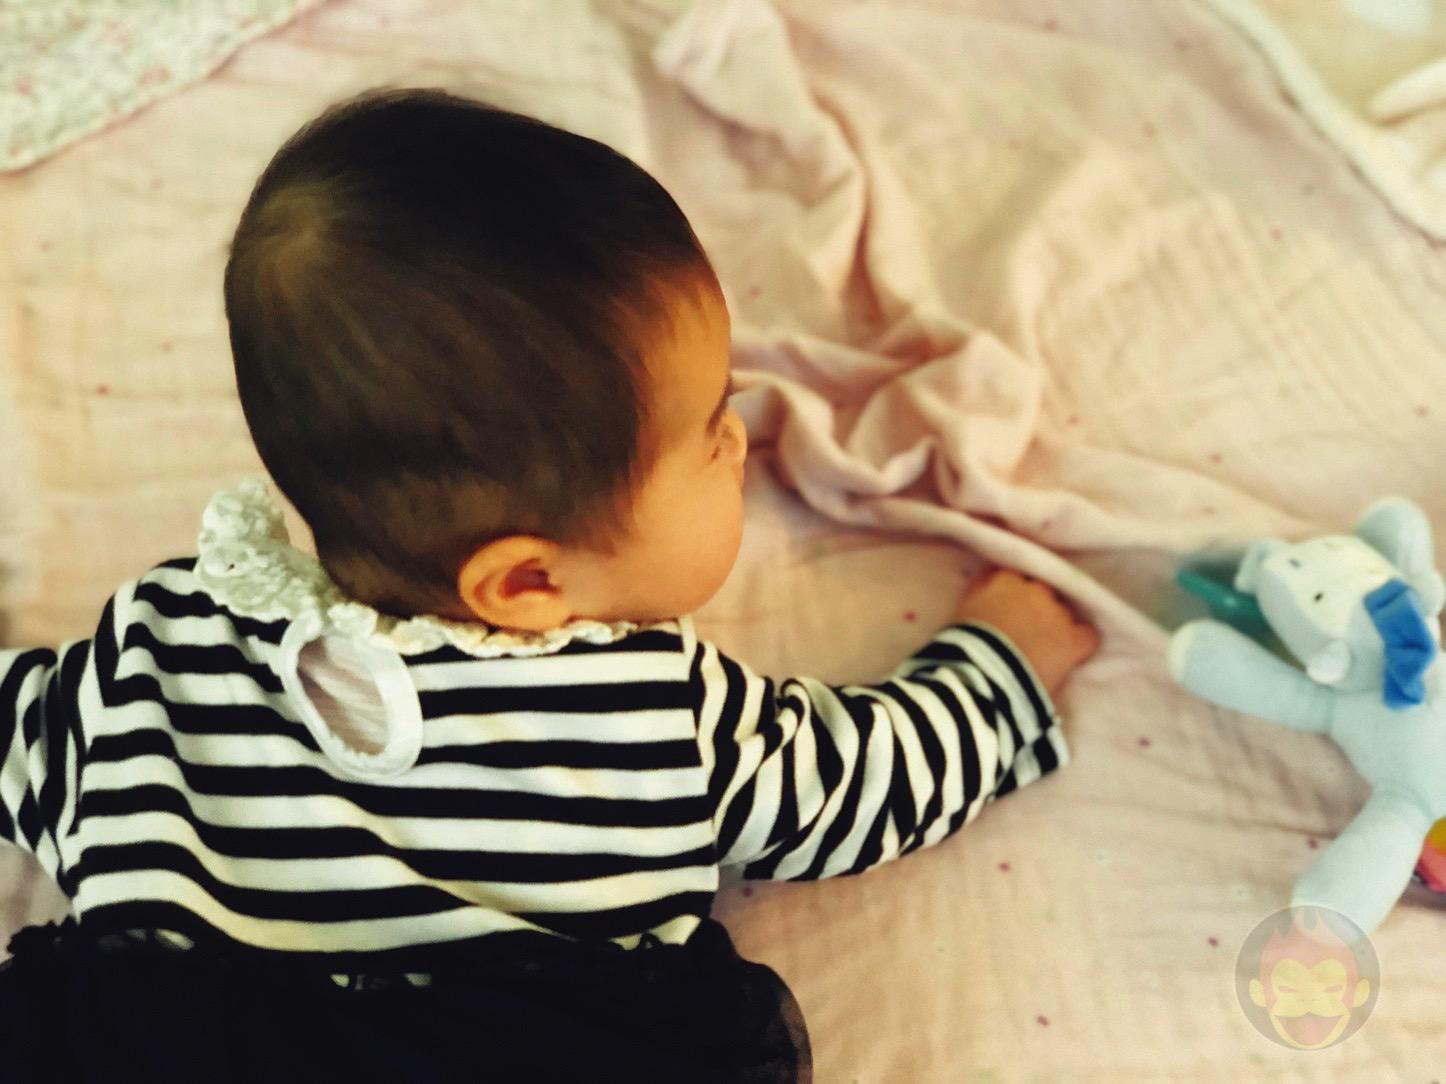 GoriMe Baby Girl 01